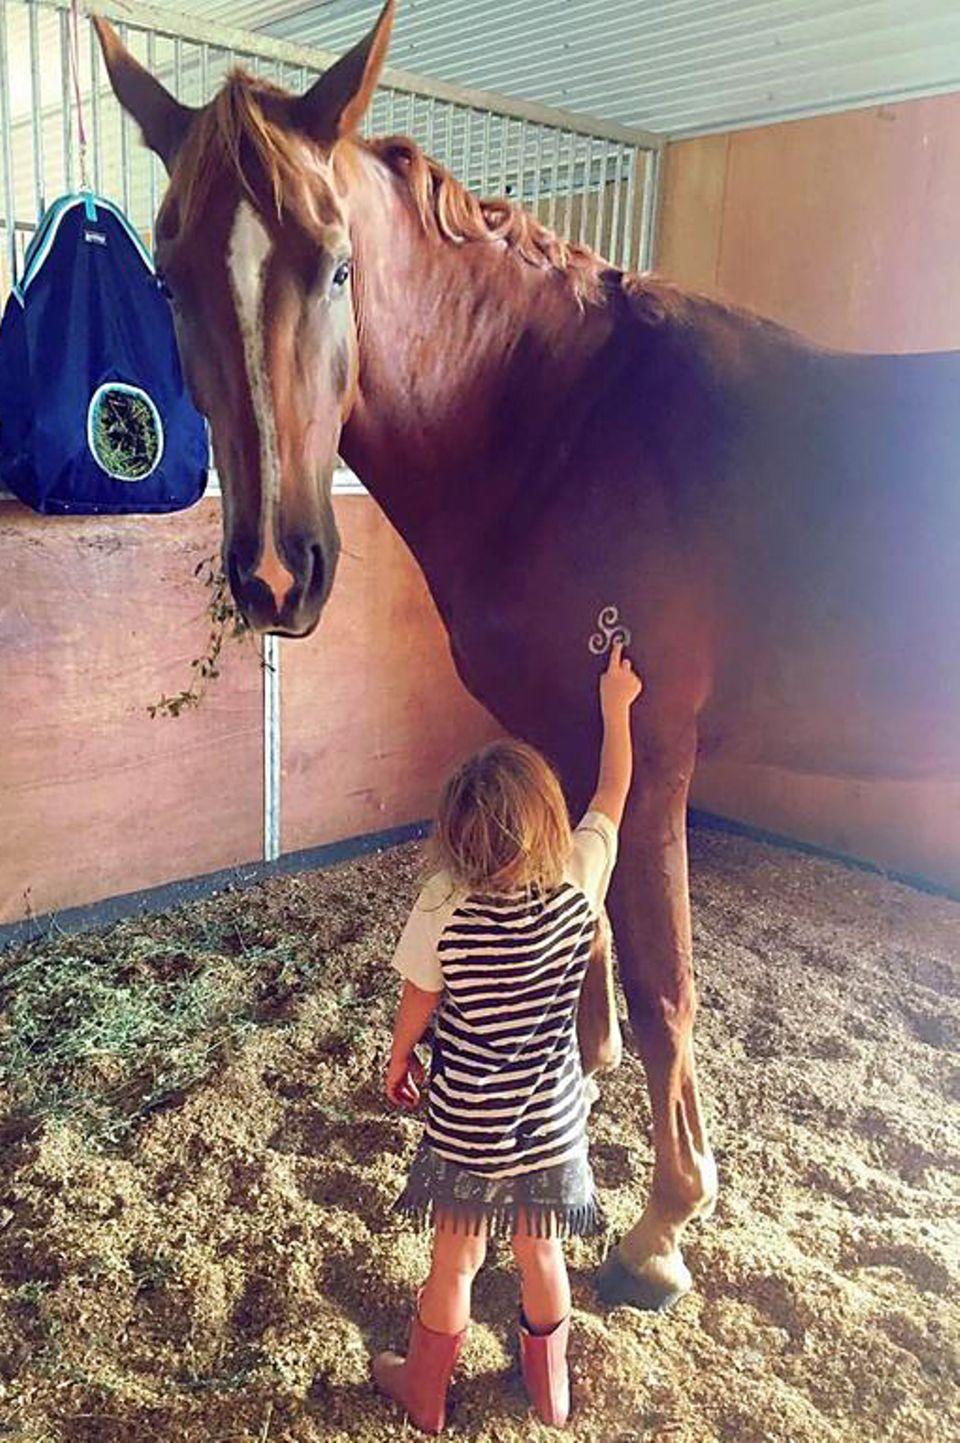 15. März 2017  Die kleine India steht im Stall vor einem hohen Ross und ist fasziniert vom Muster auf dem Fell. Angst vor dem großen Pferd scheint sie nicht zu haben.